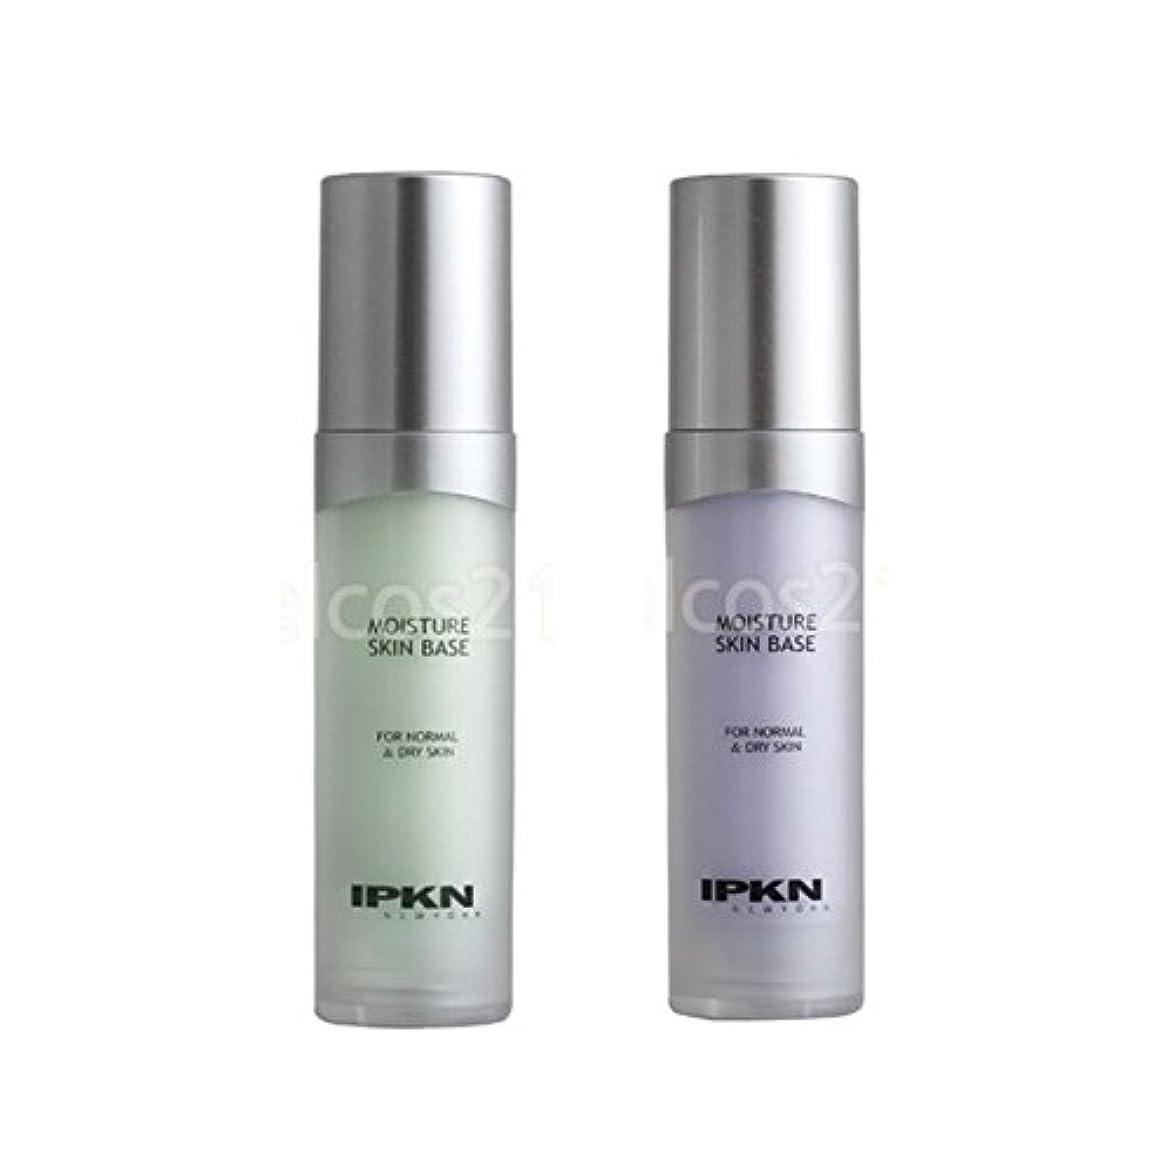 ほぼ時計異常なイプクン(IPKN) モイスチャースキンベース35ml x 2本セット2カラー(グリーン、ファイティパープル) IPKN Moisture Skin Base 35ml x 2ea Set 2 Colors(Green、...